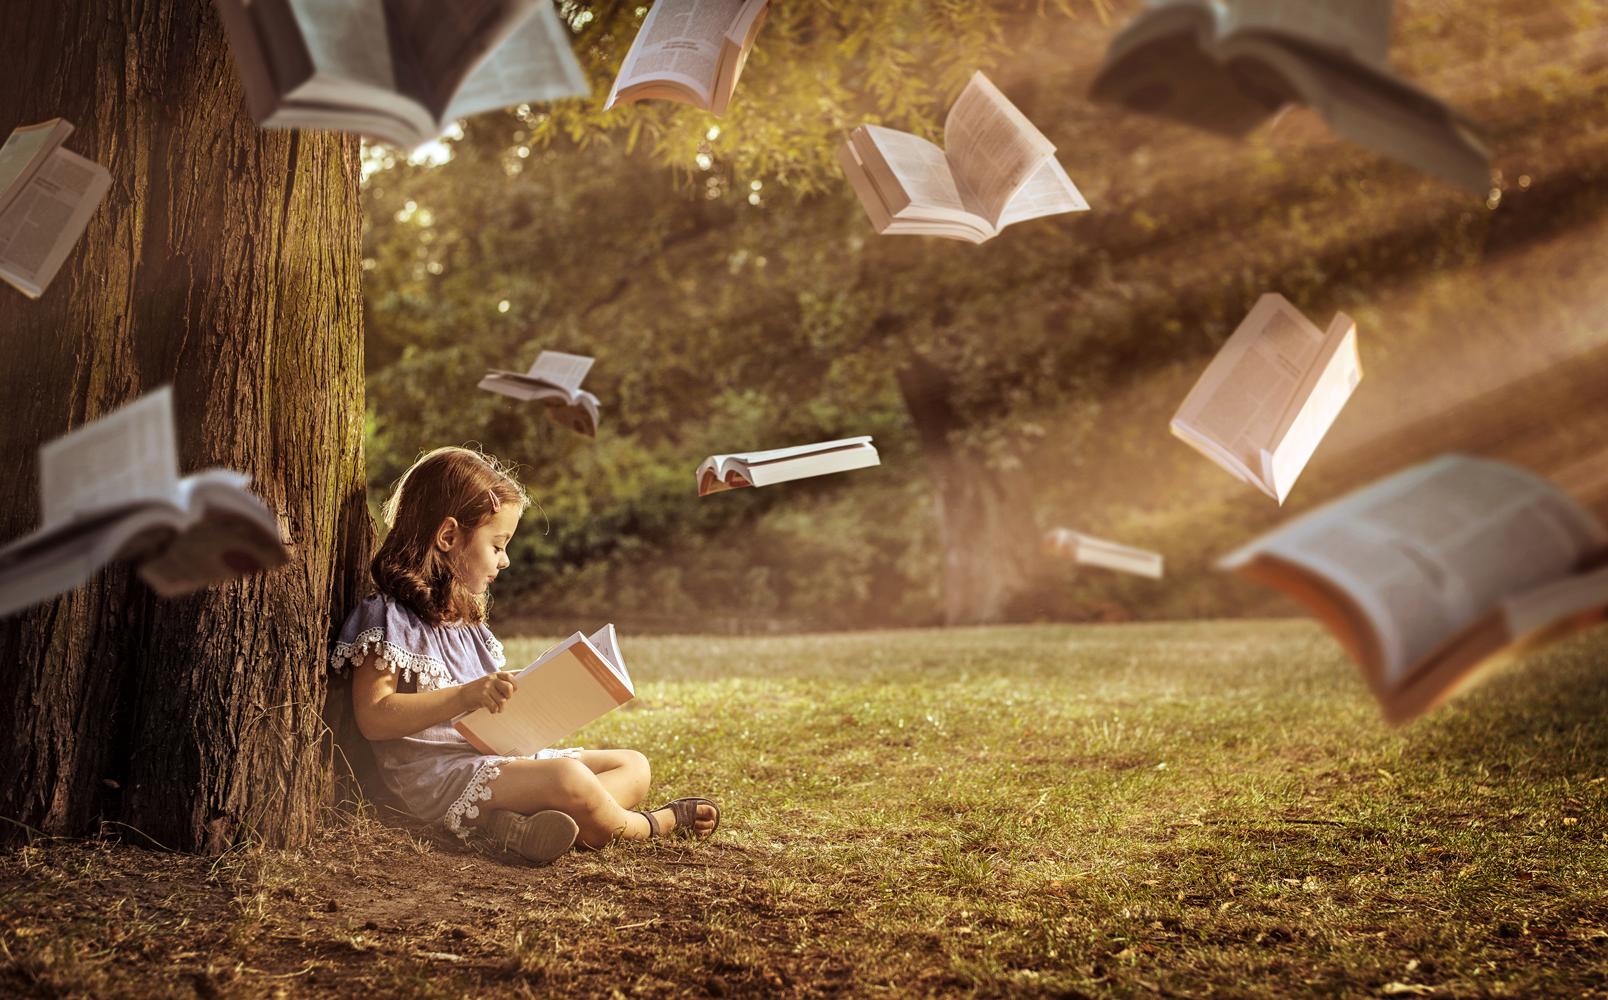 La importancia de leer desde el criterio y la diversidad. Día del Libro 2021. Por Eladia Guerrero.